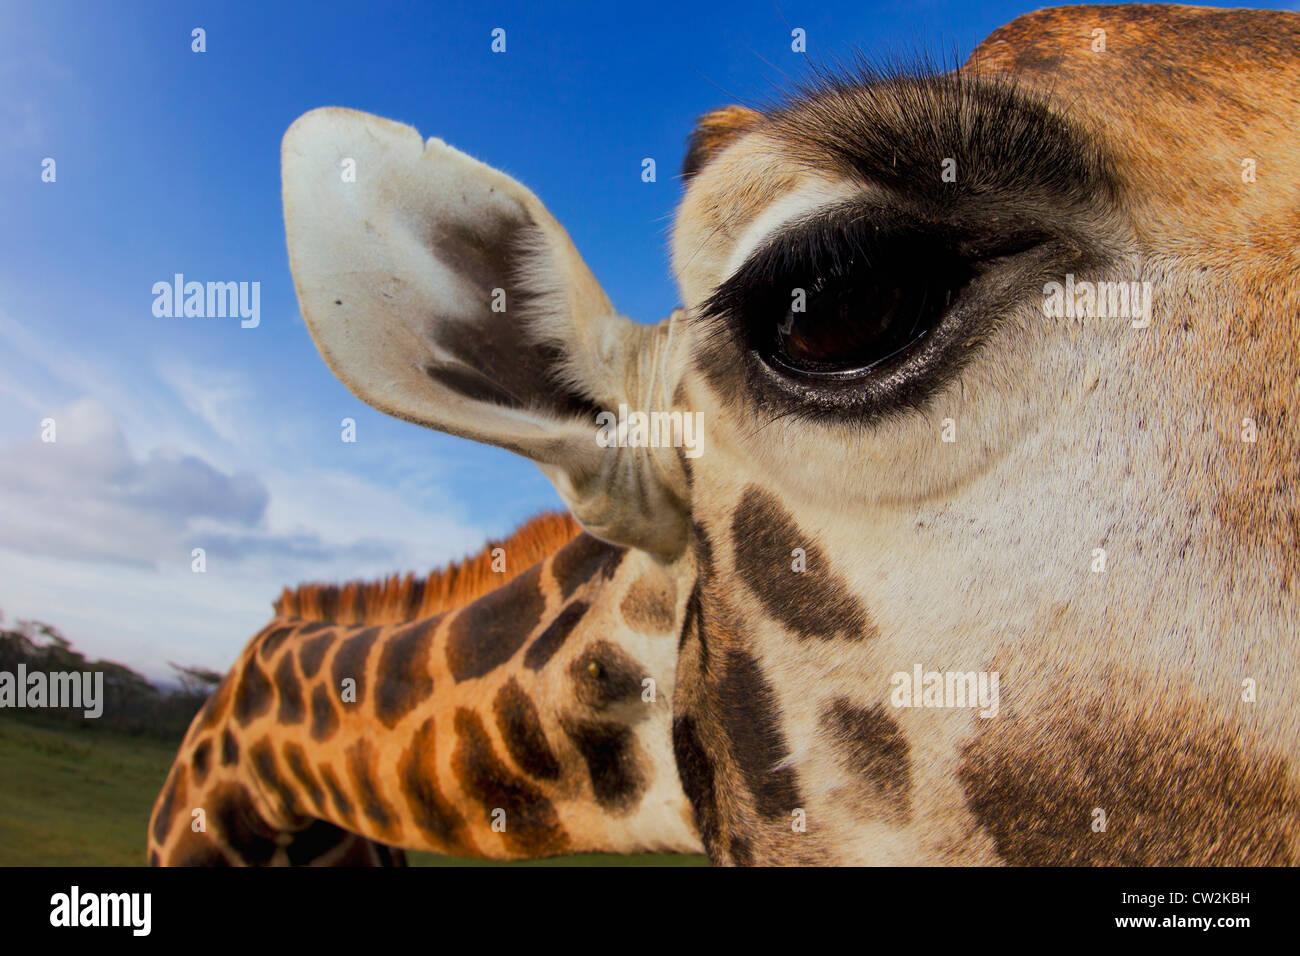 Close-up di Giraffa Rothschild (Giraffa camelopardalis rothschildi) l'occhio. Immagini Stock